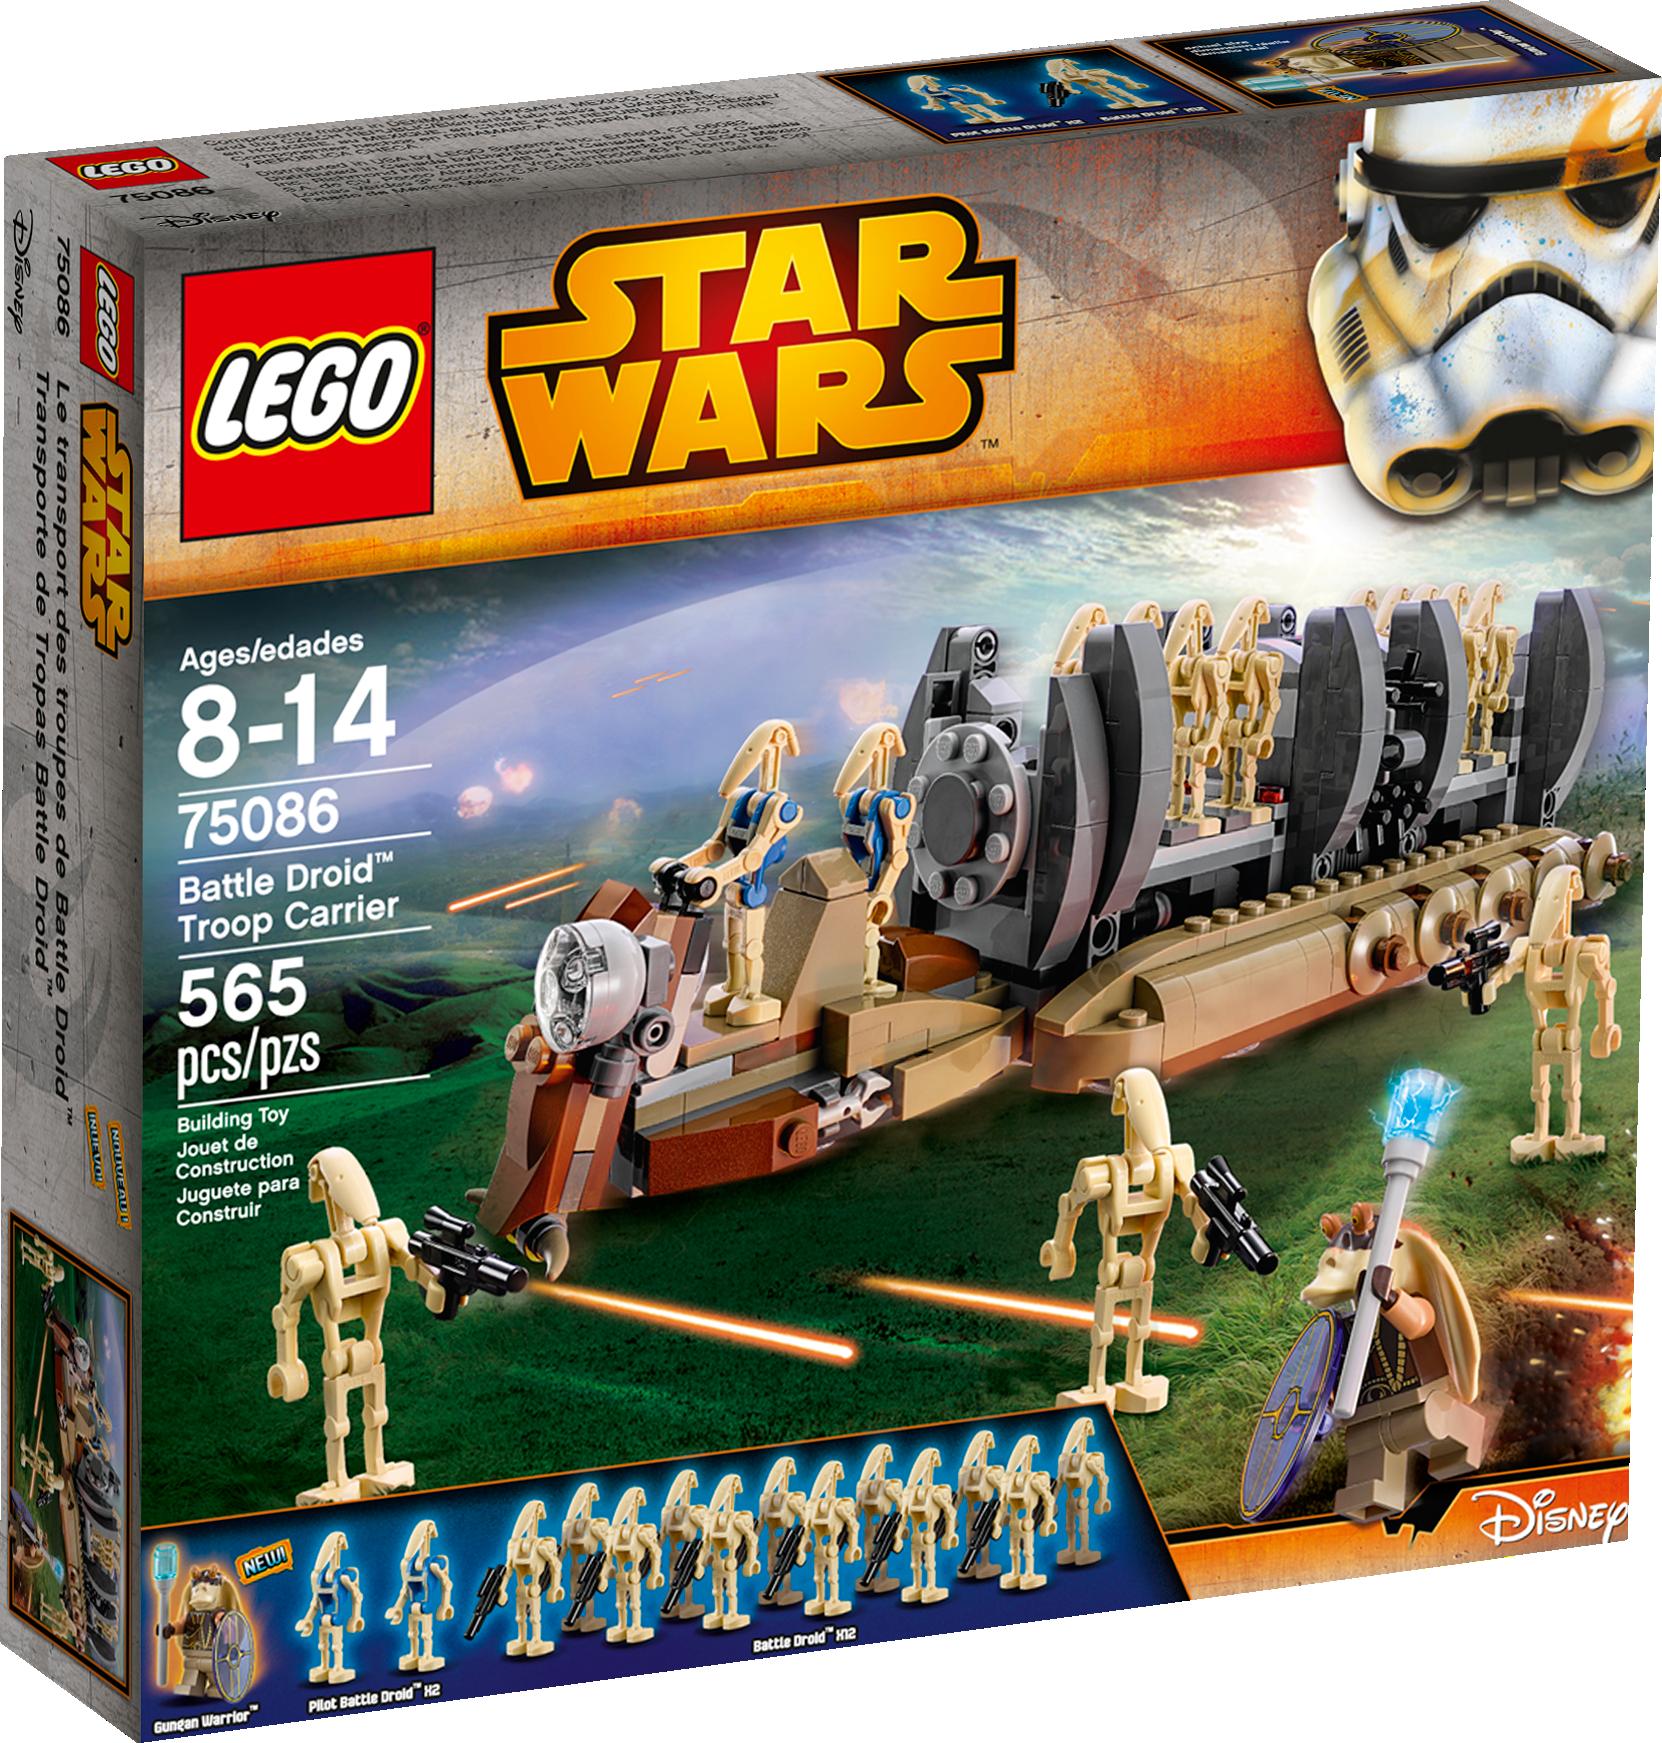 Battle Droid™ Troop Carrier